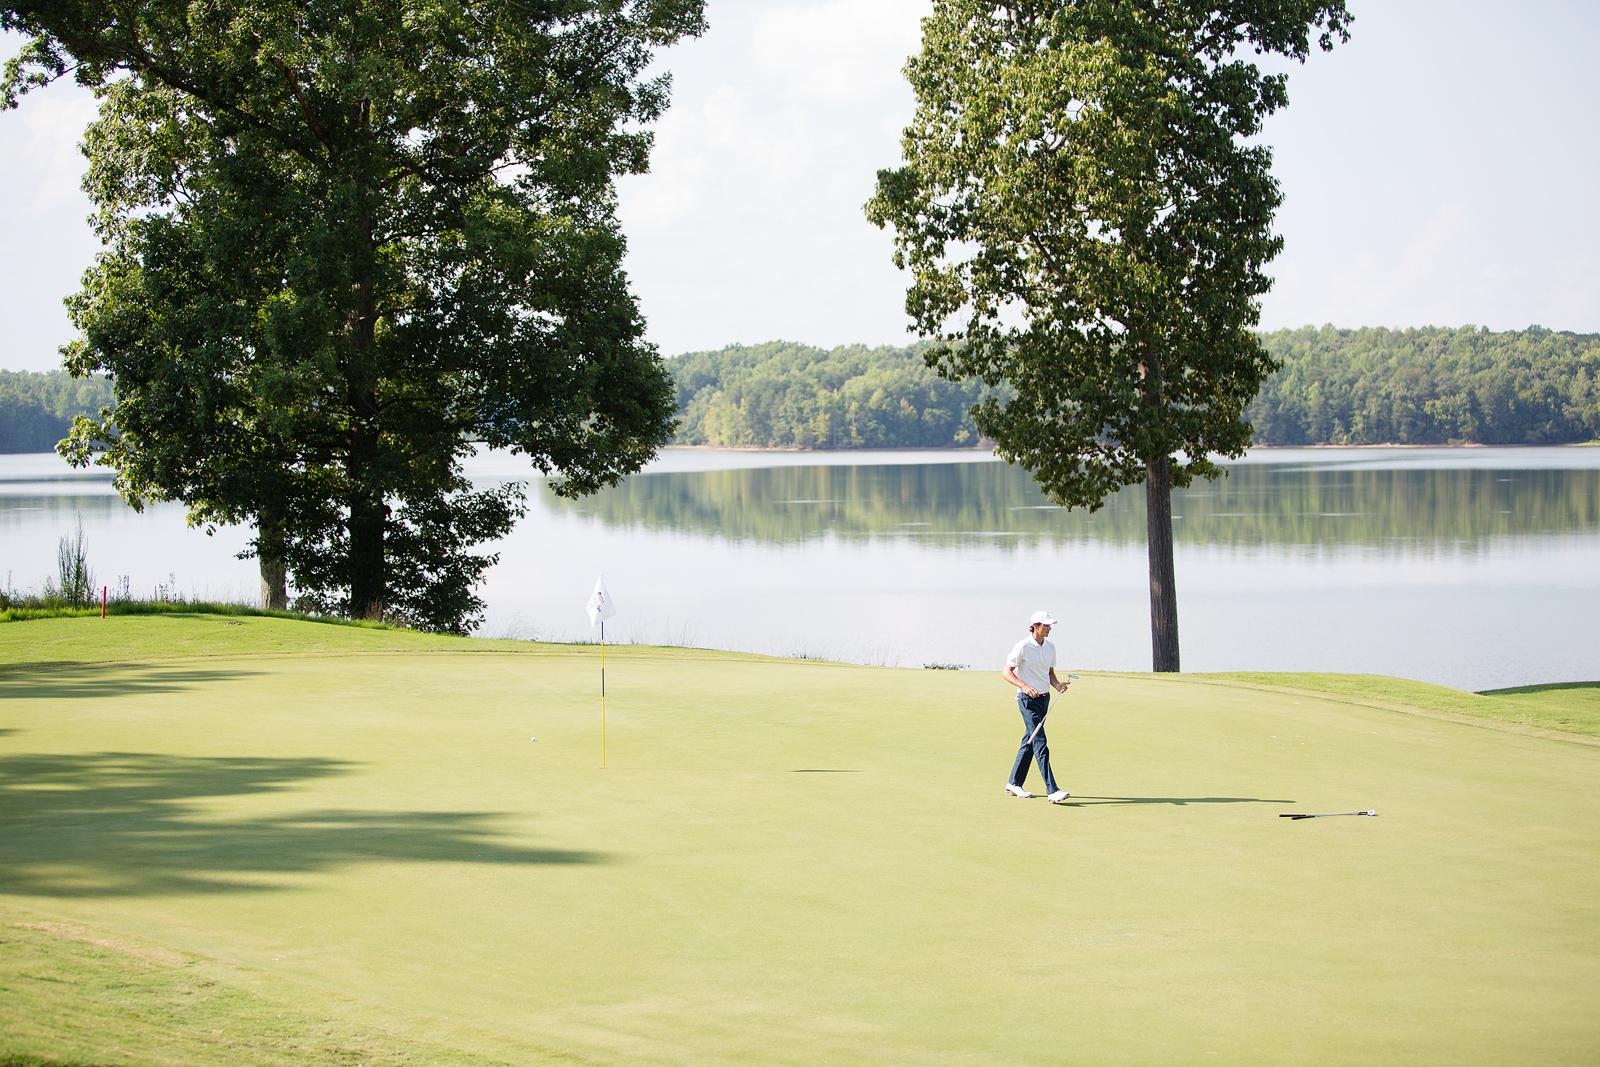 Greensboro Public Golf Course